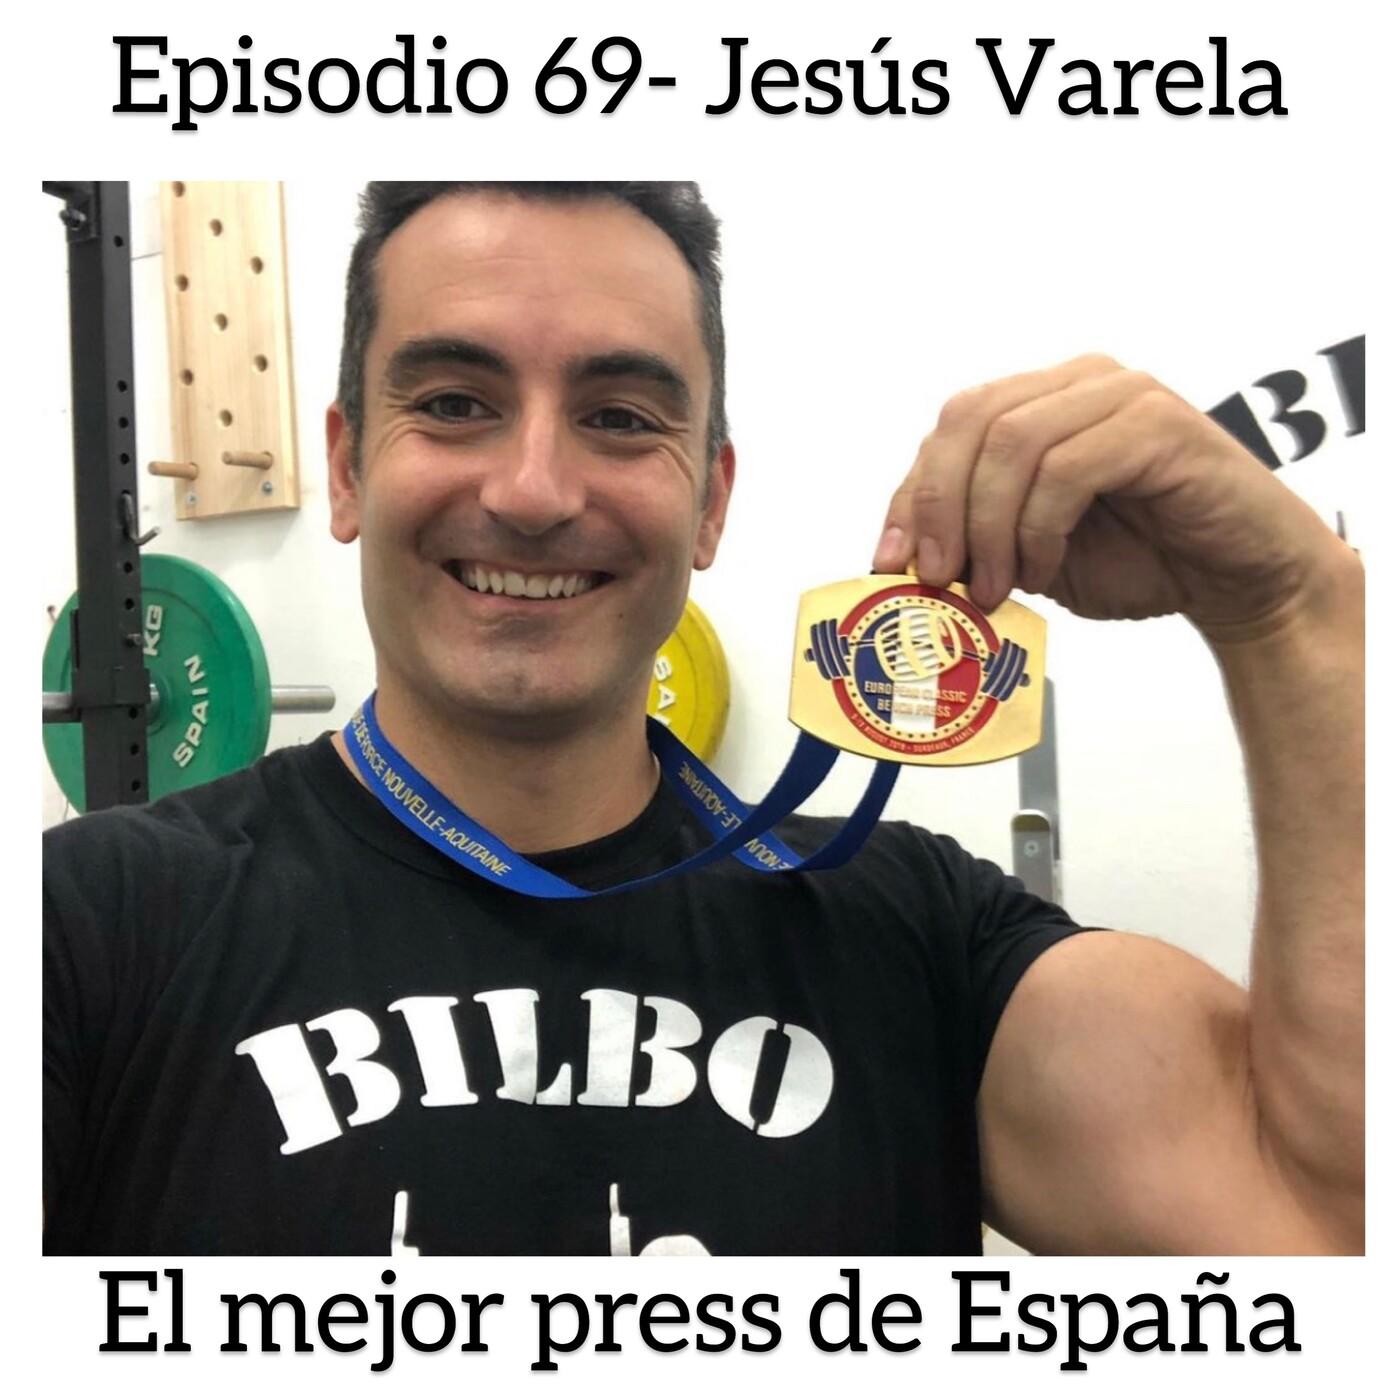 Jesús Varela // BILBO - EL MEJOR PRESS BANCA DE LA HISTORIA - De la práctica nace la maestría